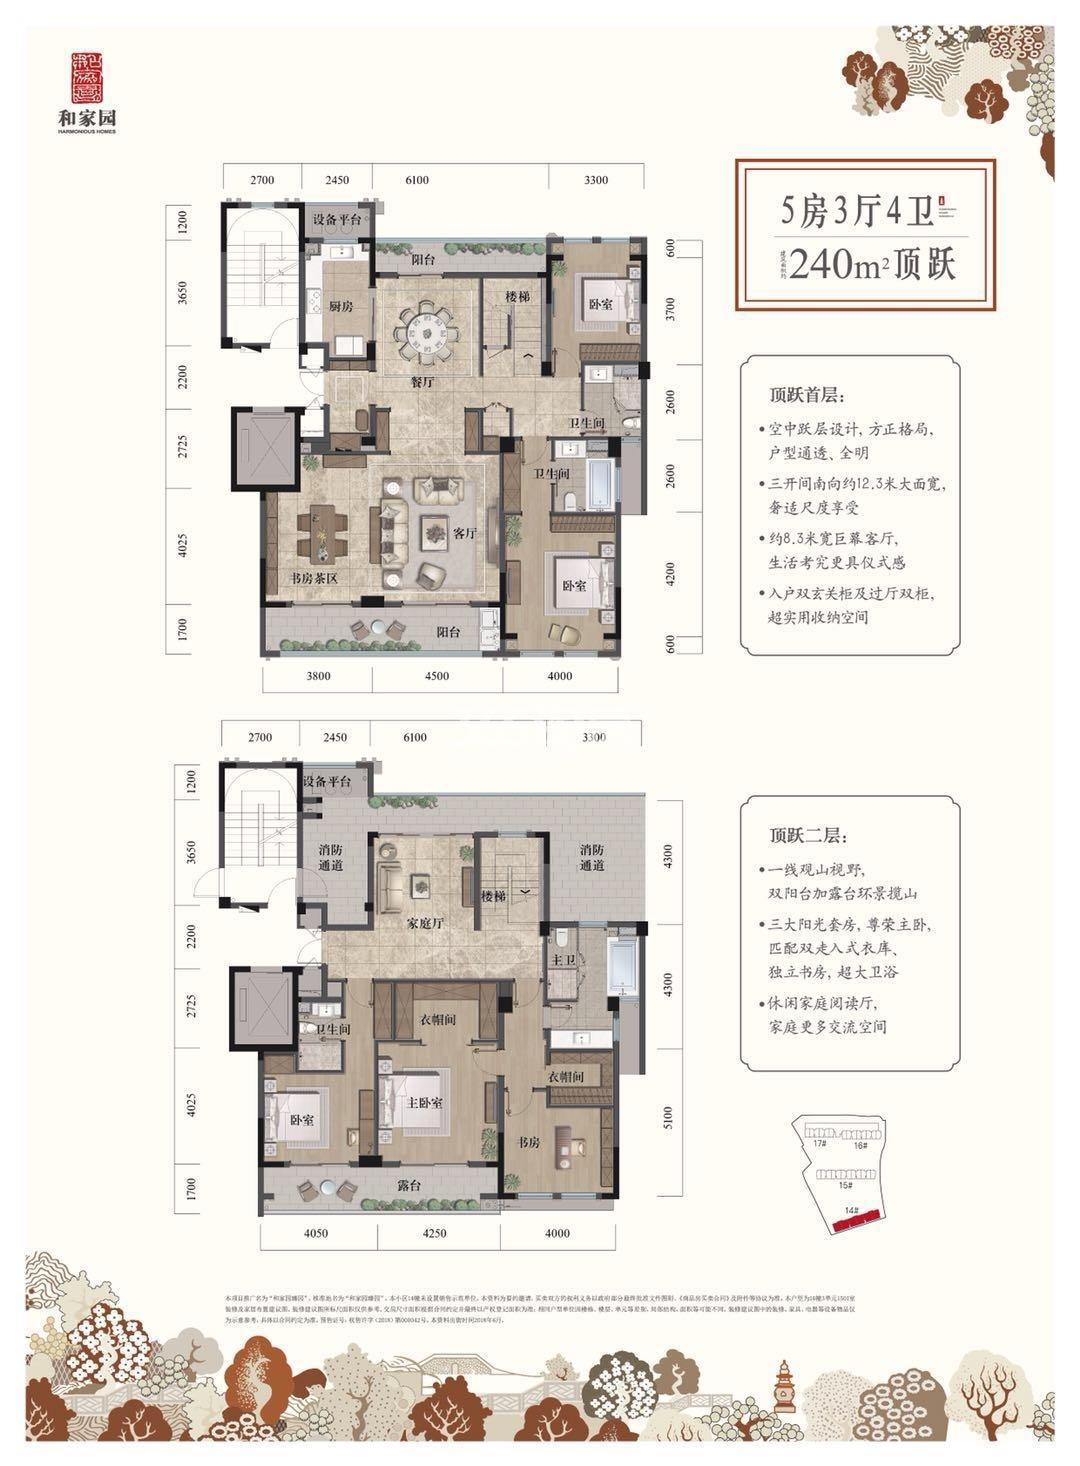 和家园臻园项目14号楼240方顶跃户型图